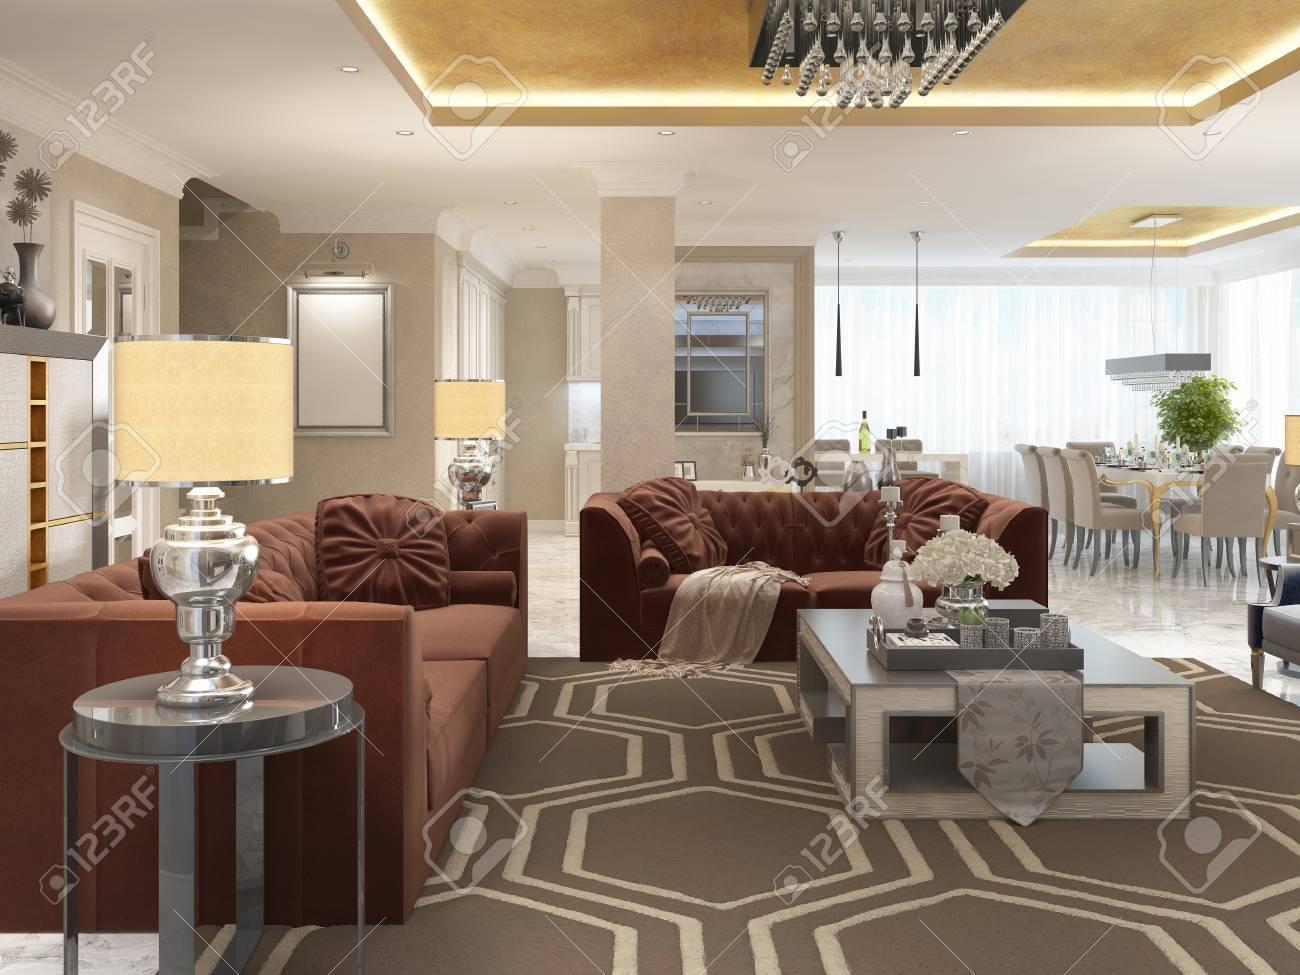 Diseño De Lujo Apartamento-estudio En Estilo Art Déco. Sala De Estar ...